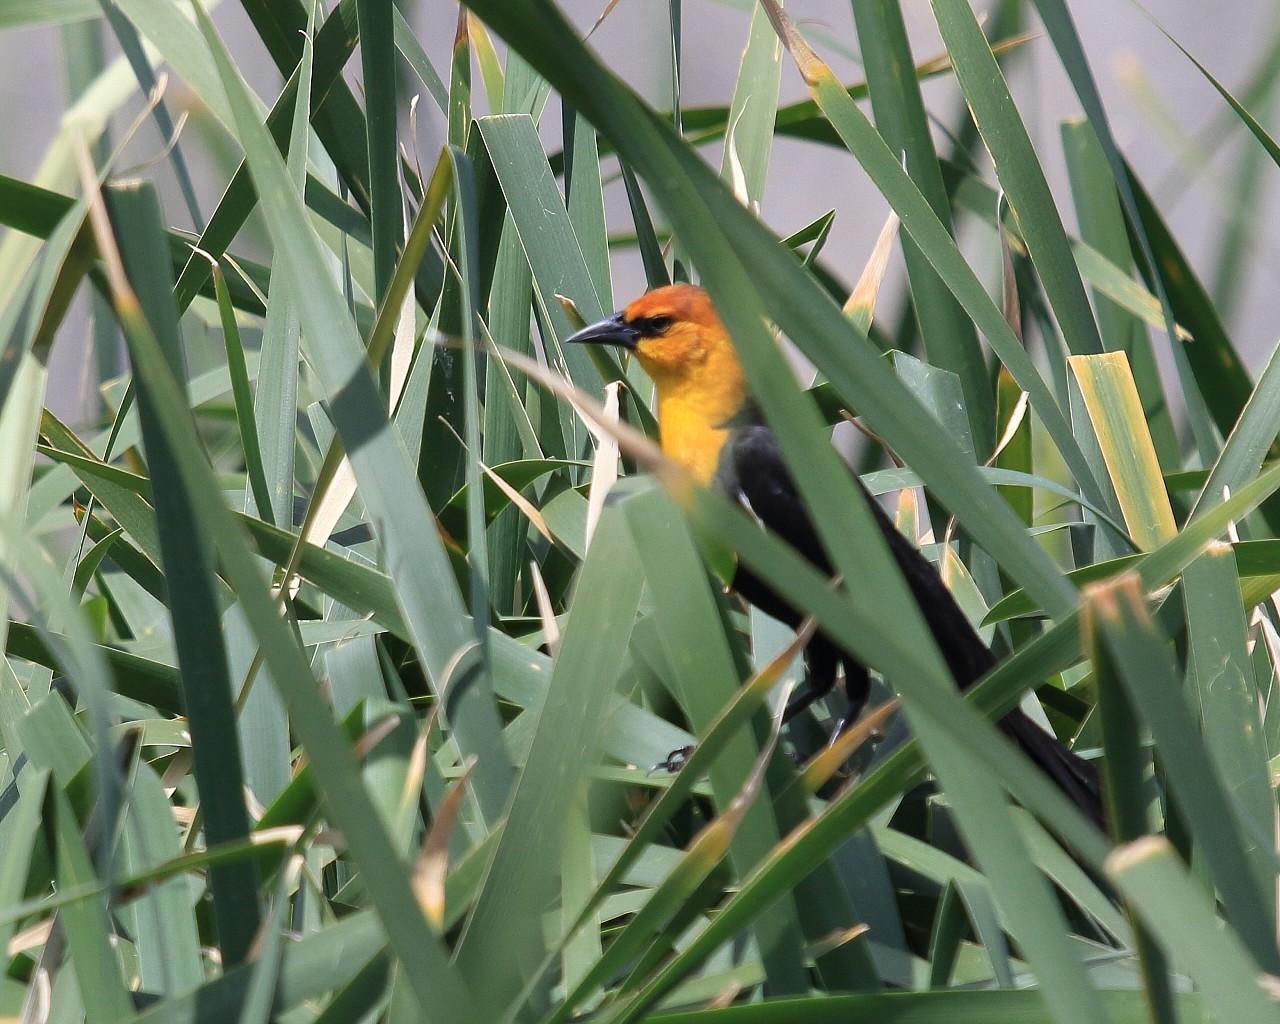 ネヴァダ州の鳥その6: 意外と手強かったYellow-headed blackbird_f0105570_21492024.jpg